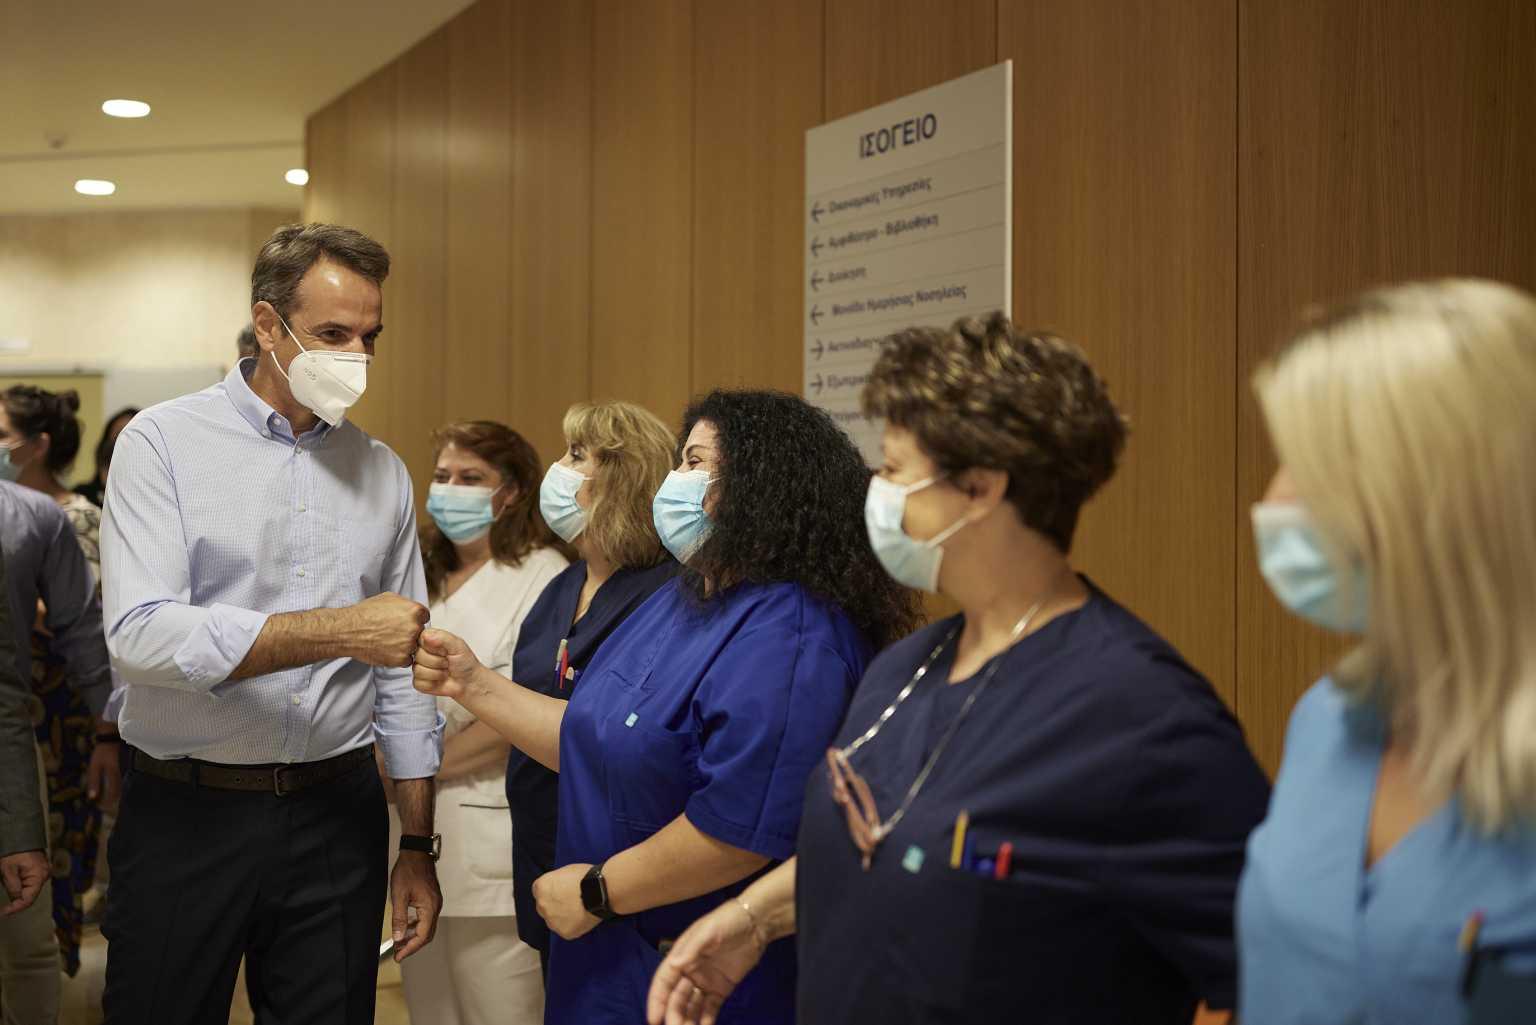 Κυριάκος Μητσοτάκης: Κίνητρα σε γιατρούς και φαρμακοποιούς για να αυξηθούν τα ραντεβού εμβολιασμού